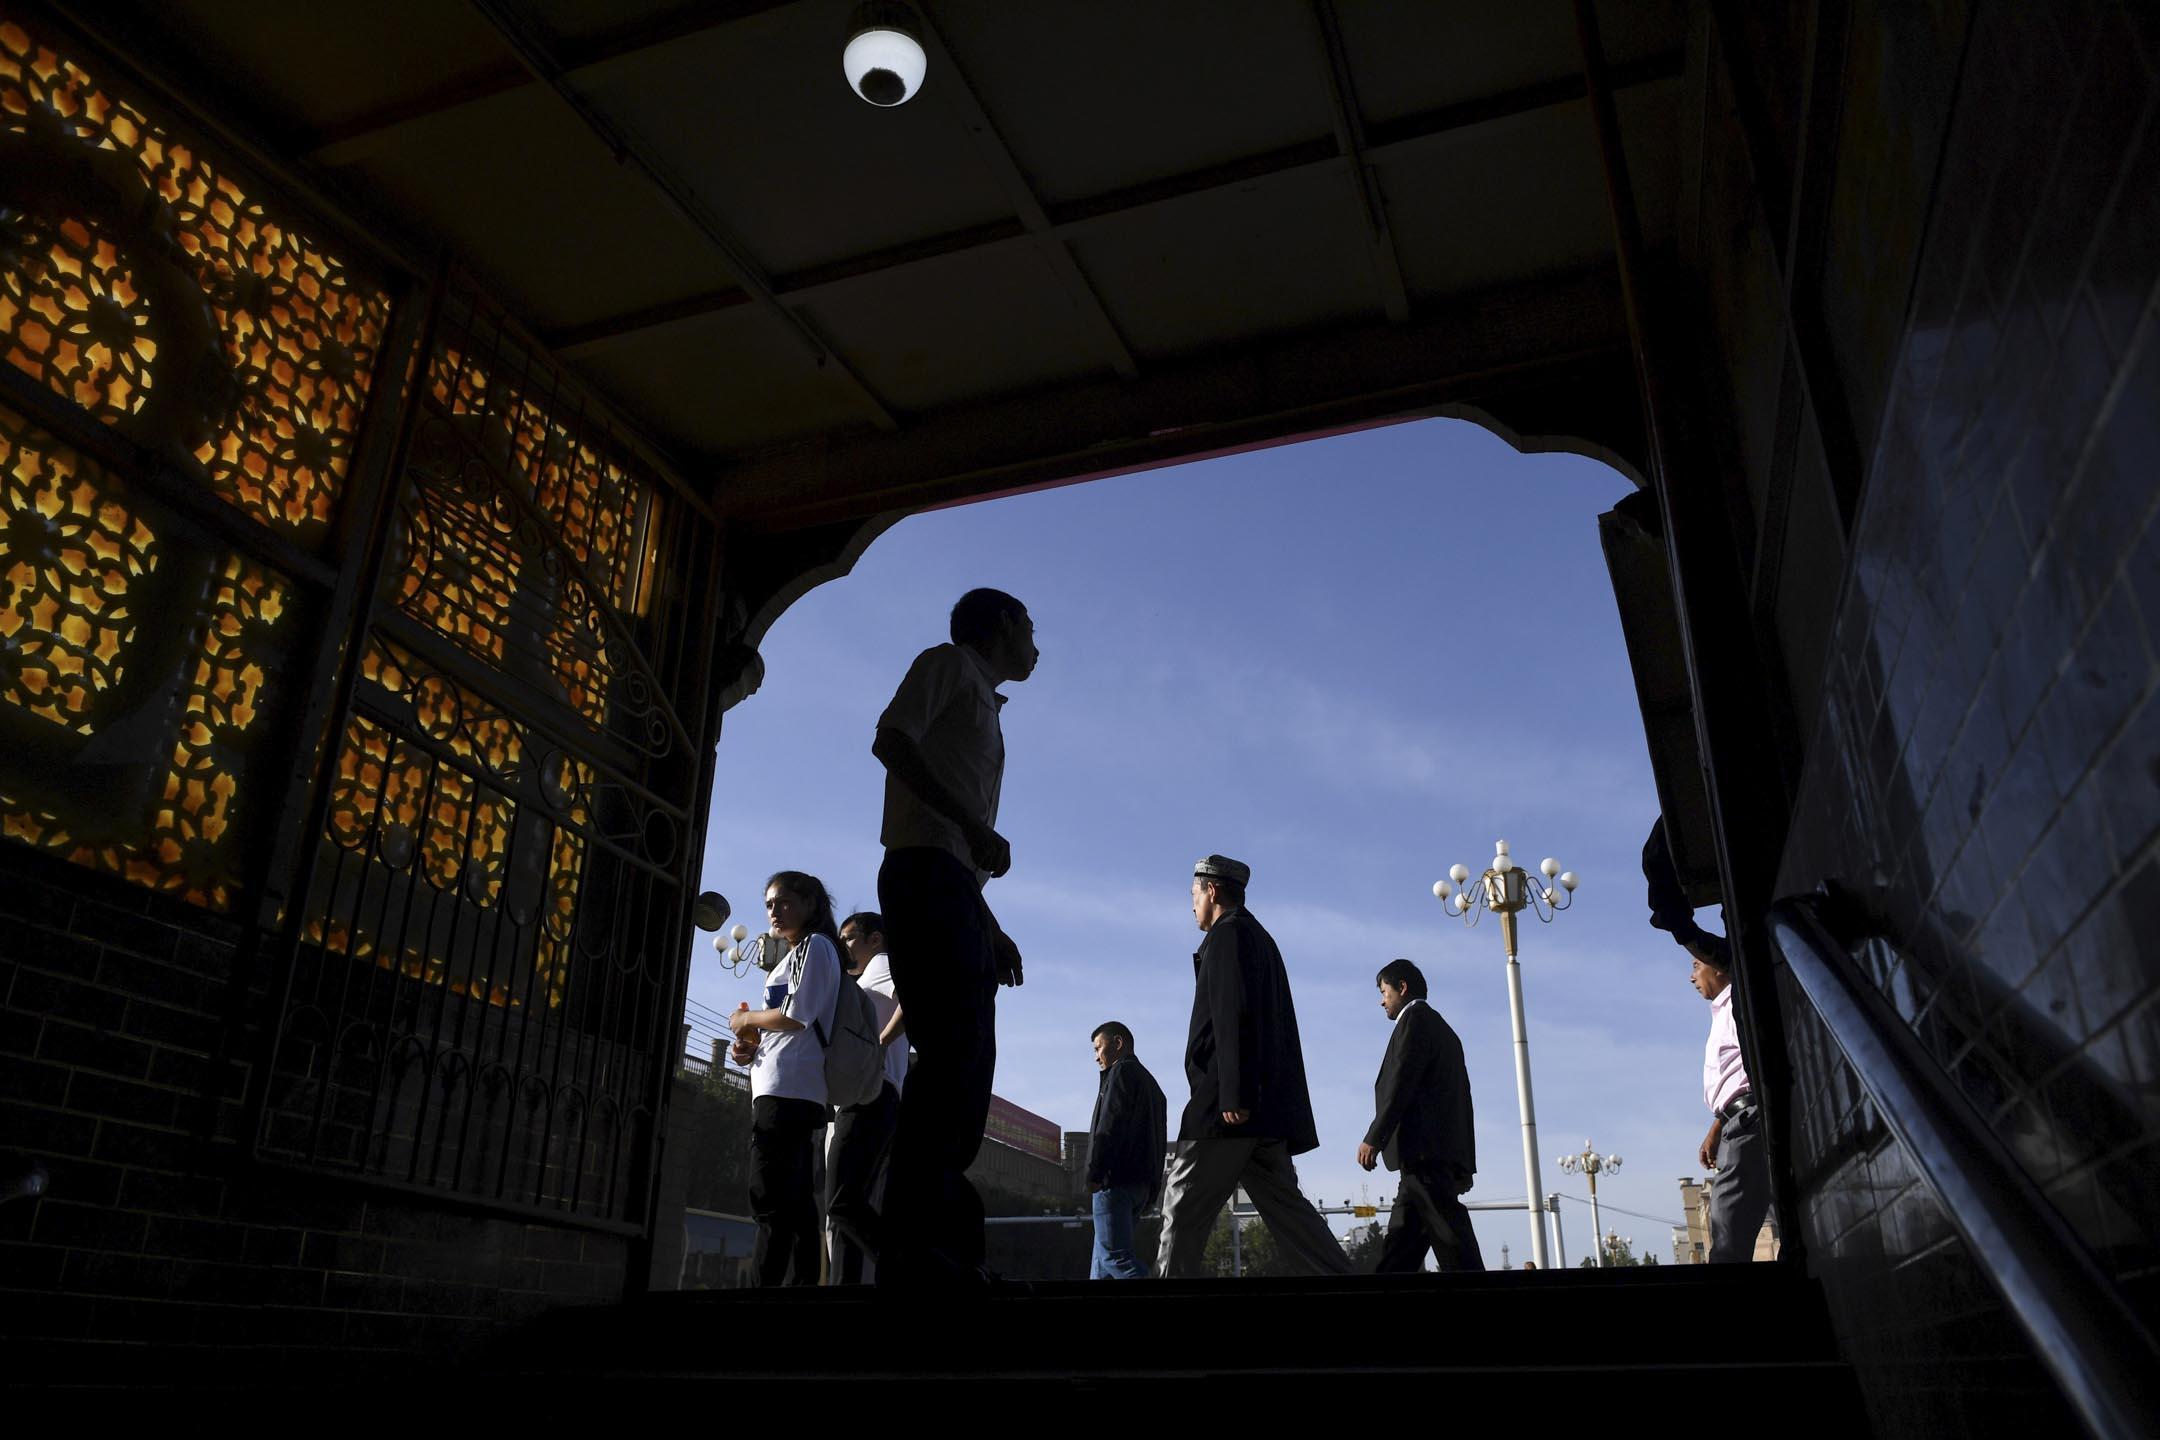 2019年6月5日,新疆,維吾爾族男子在參加開齋節的祈禱後走過地下通道的出口。 攝:Greg Baker/AFP via Getty Images